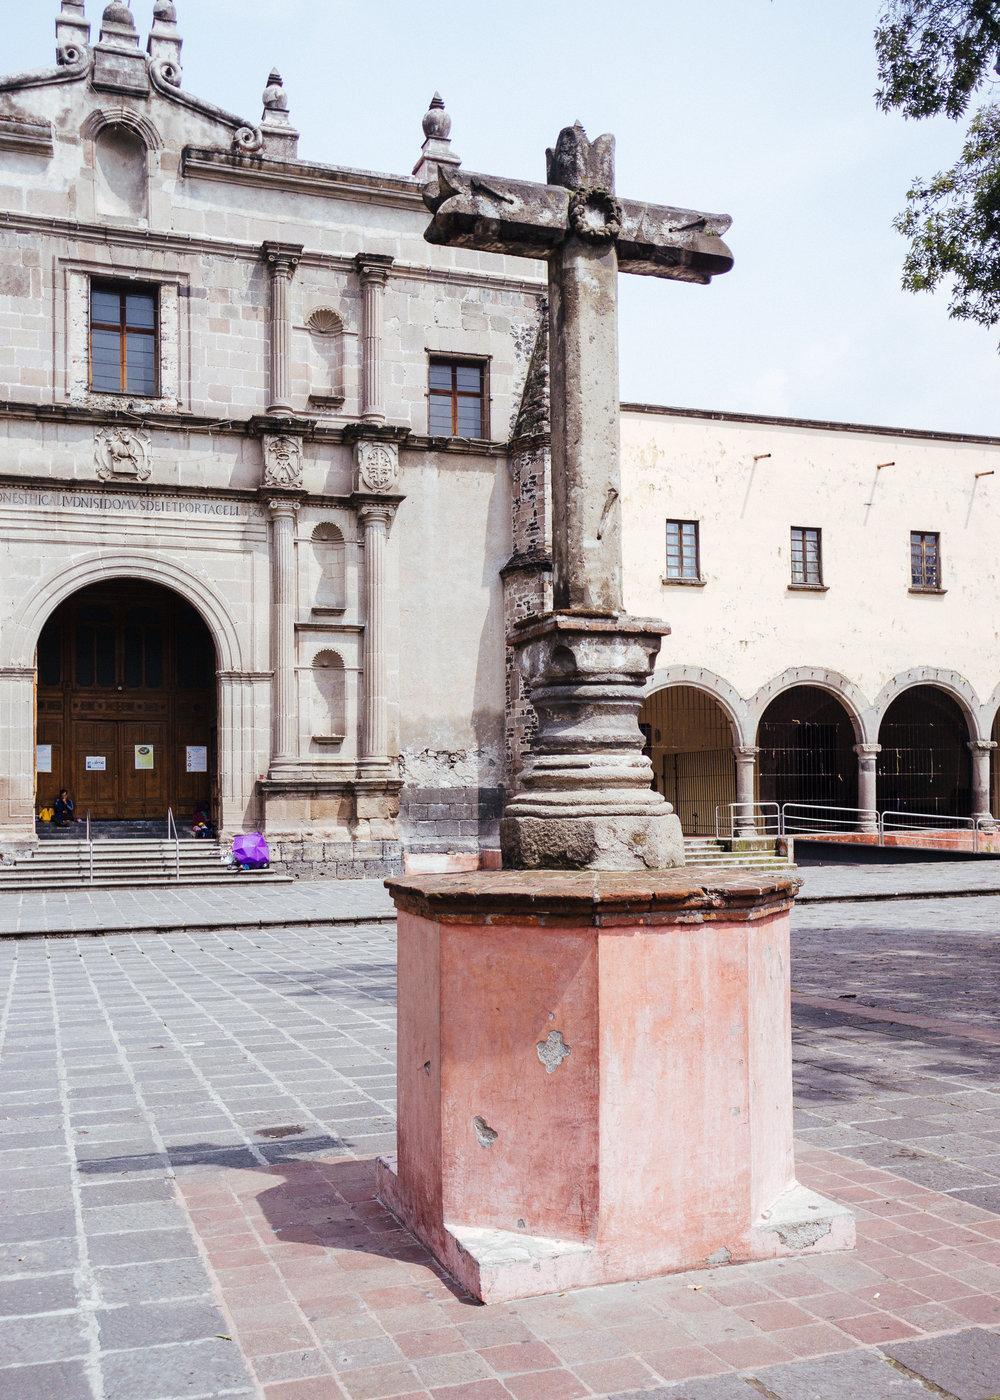 MexicoCity-Day3-Coyoacan-28.jpg